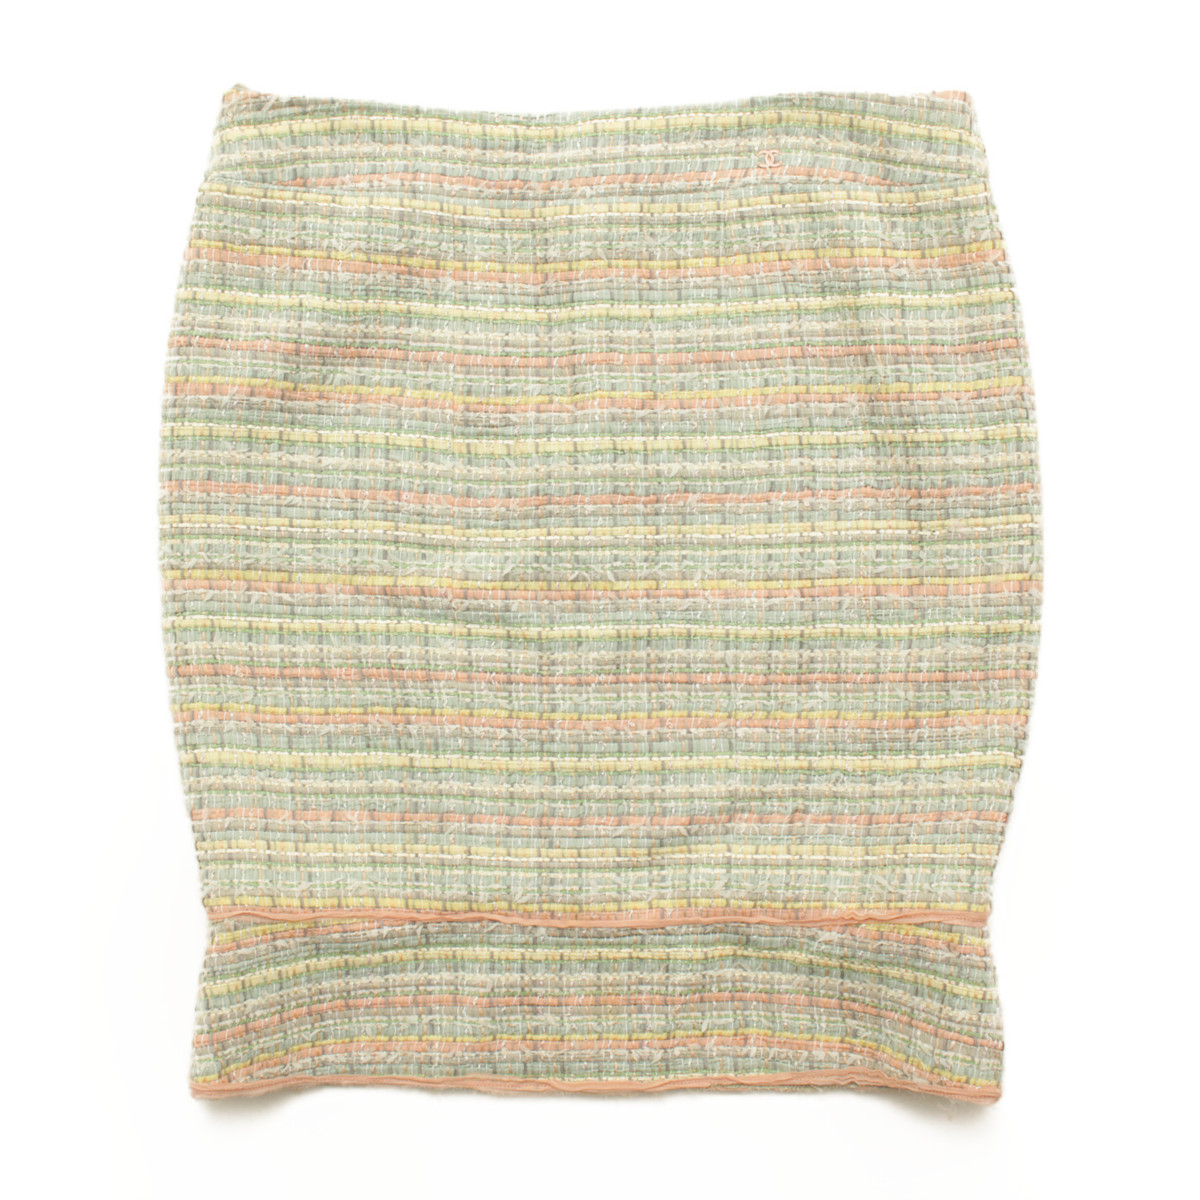 【シャネル】Chanel ツイード タイトスカート 05P グリーン系 44 【中古】【鑑定済・正規品保証】【送料無料】37568